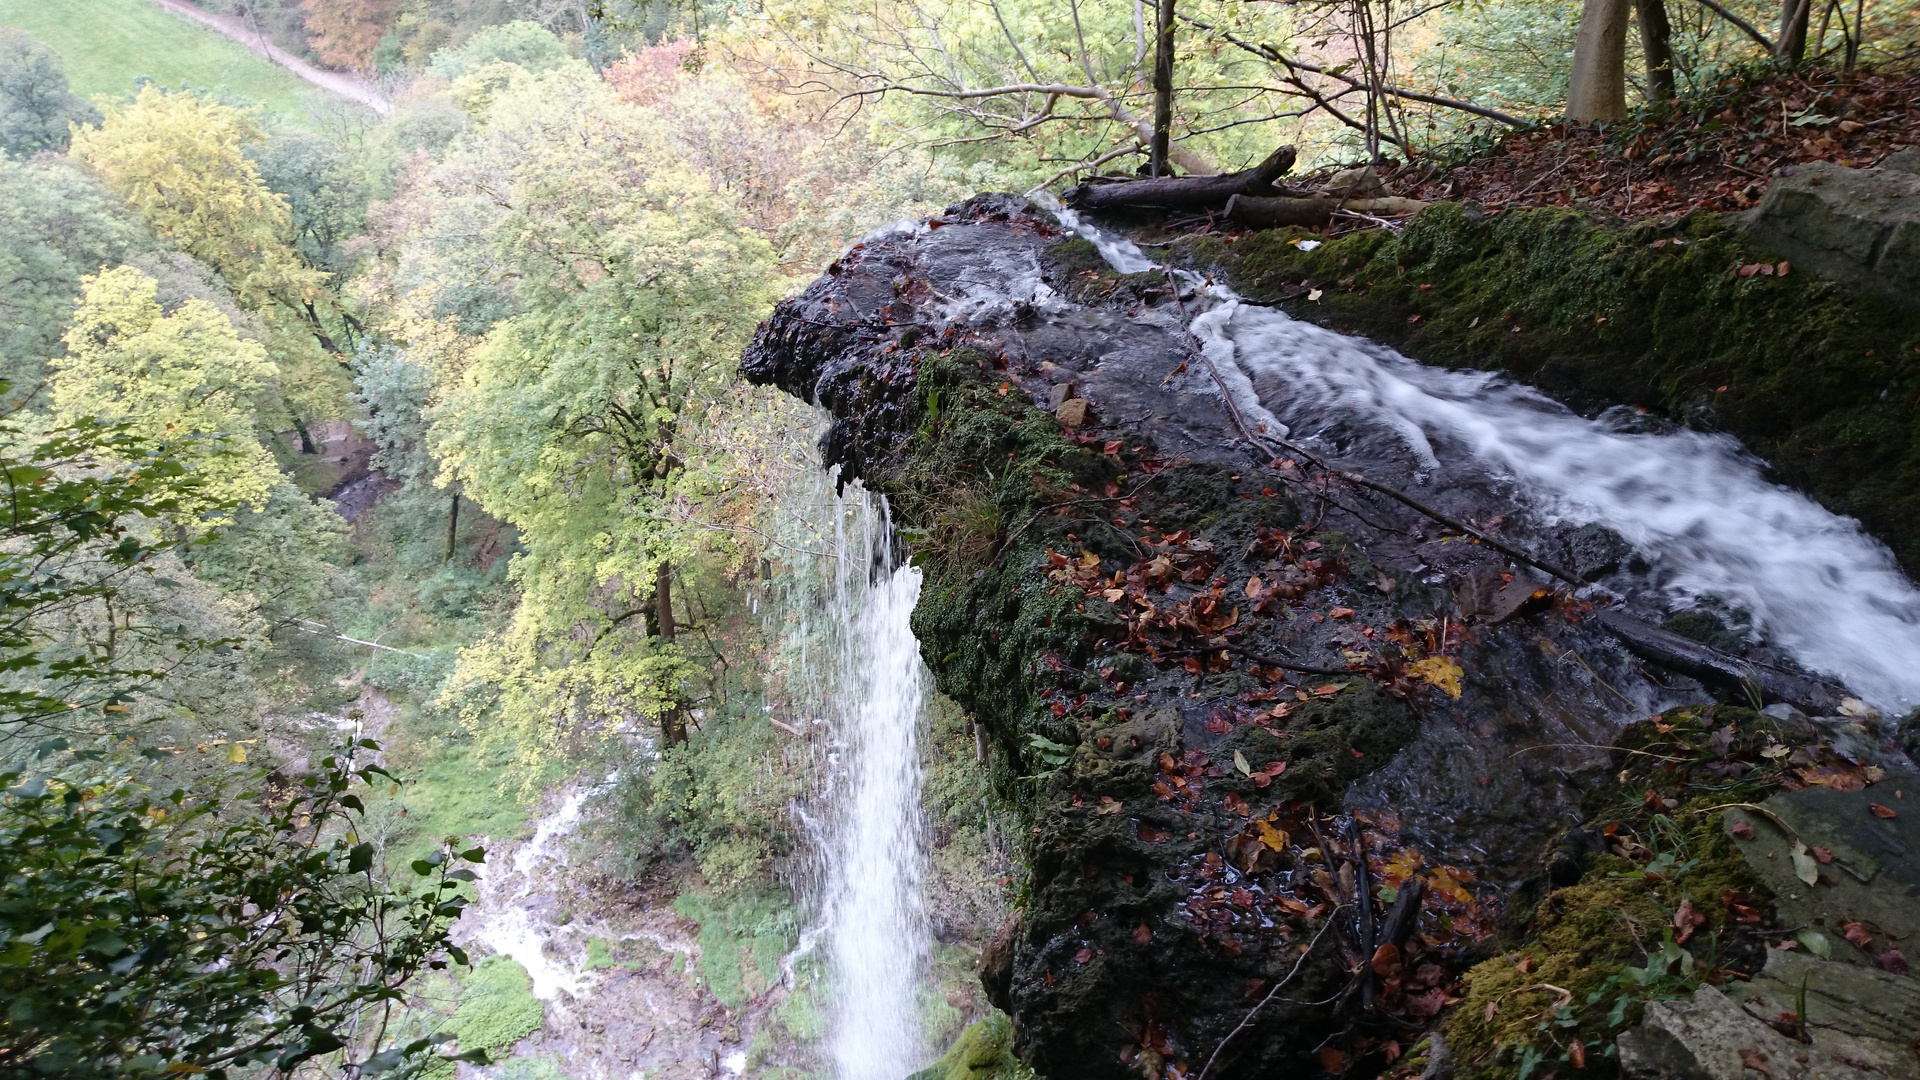 Urach waterfalls